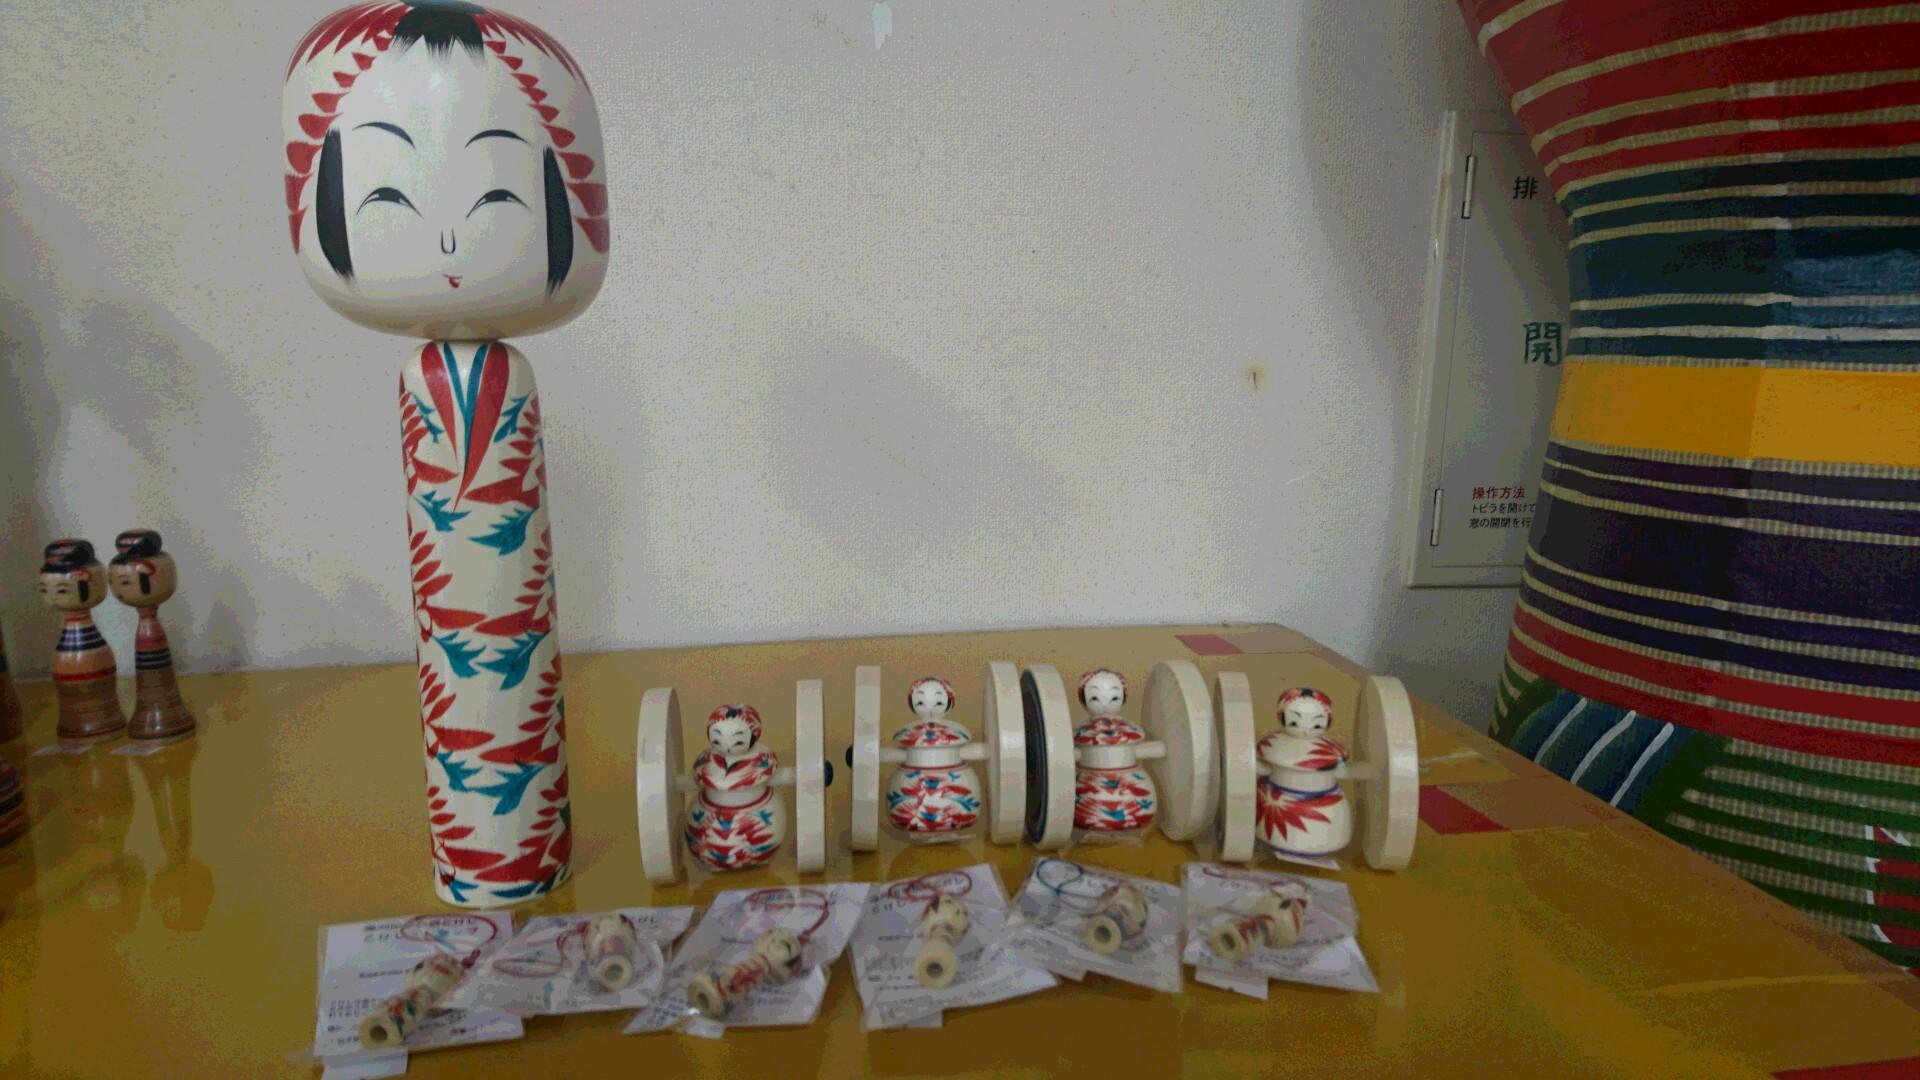 MYFIRST KOKESHI!~はじめての伝統こけし~ in 高円寺フェス2017 津軽こけし館持ち込み商品のお知らせ!_e0318040_19454561.jpg